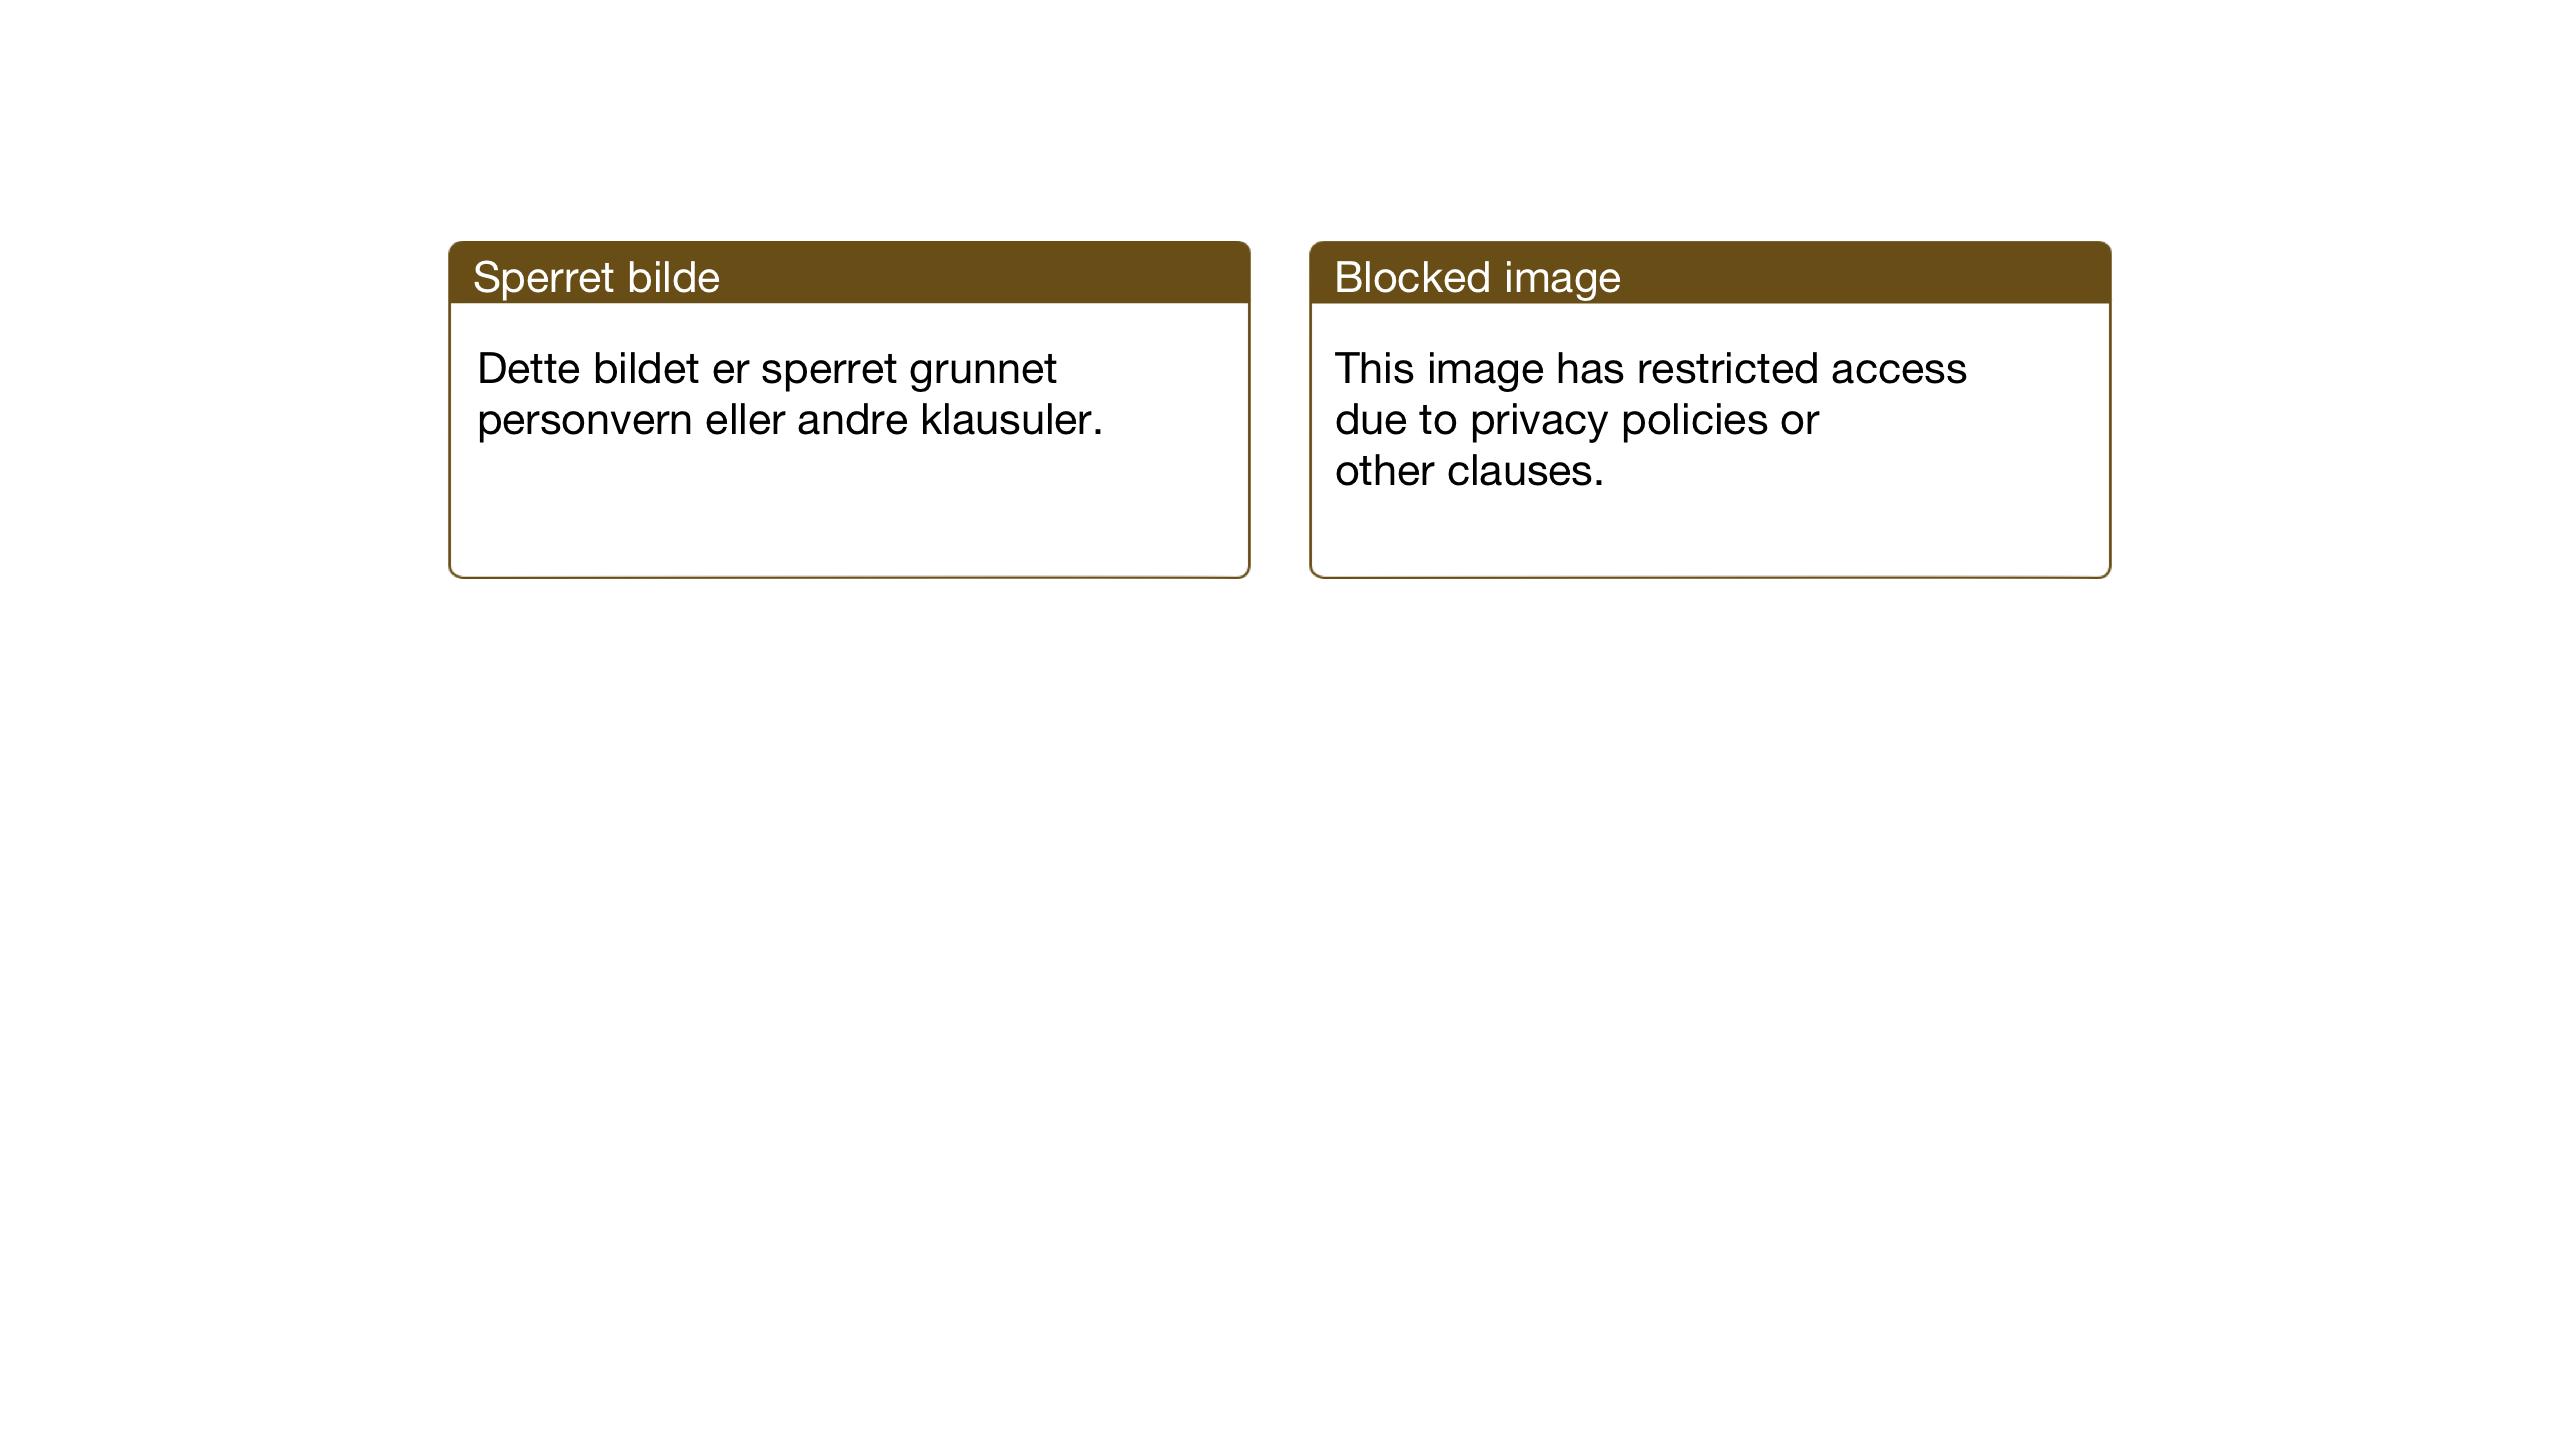 SAT, Ministerialprotokoller, klokkerbøker og fødselsregistre - Sør-Trøndelag, 657/L0718: Klokkerbok nr. 657C05, 1923-1948, s. 194